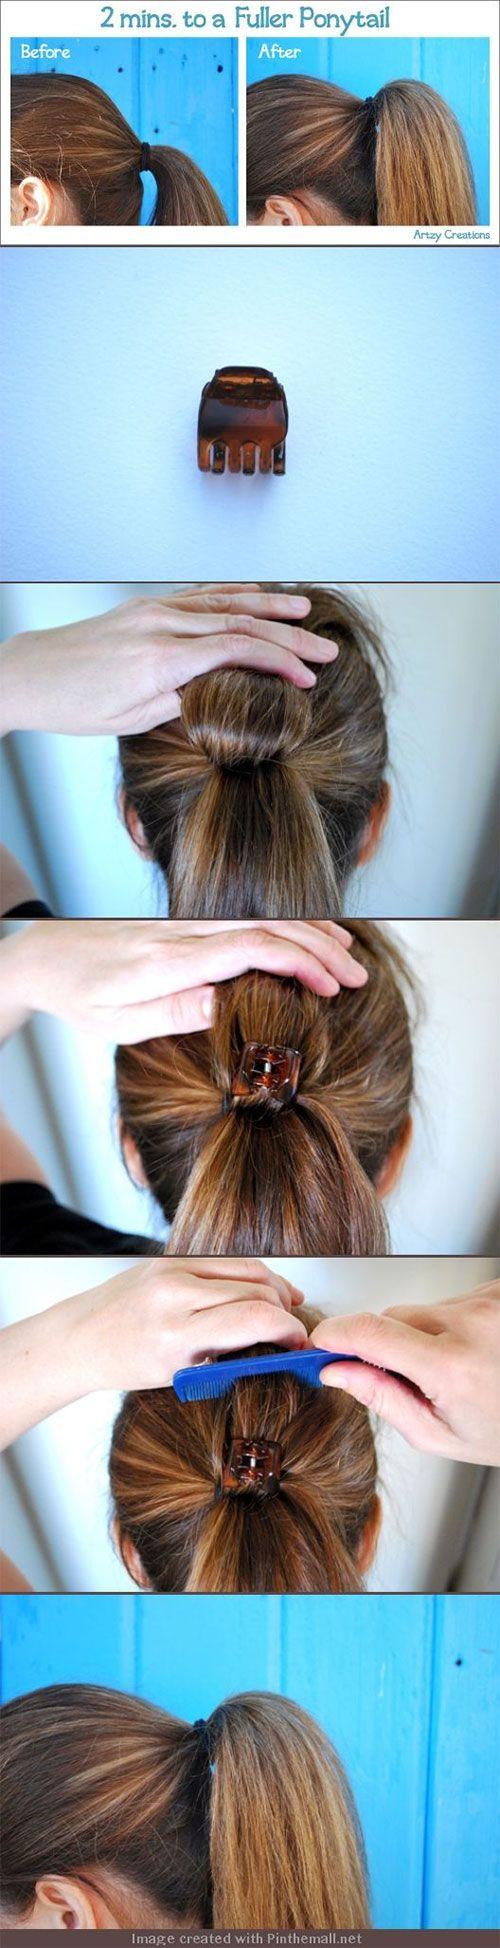 make-ponytail-bigger-more-volume-with-clip-hack